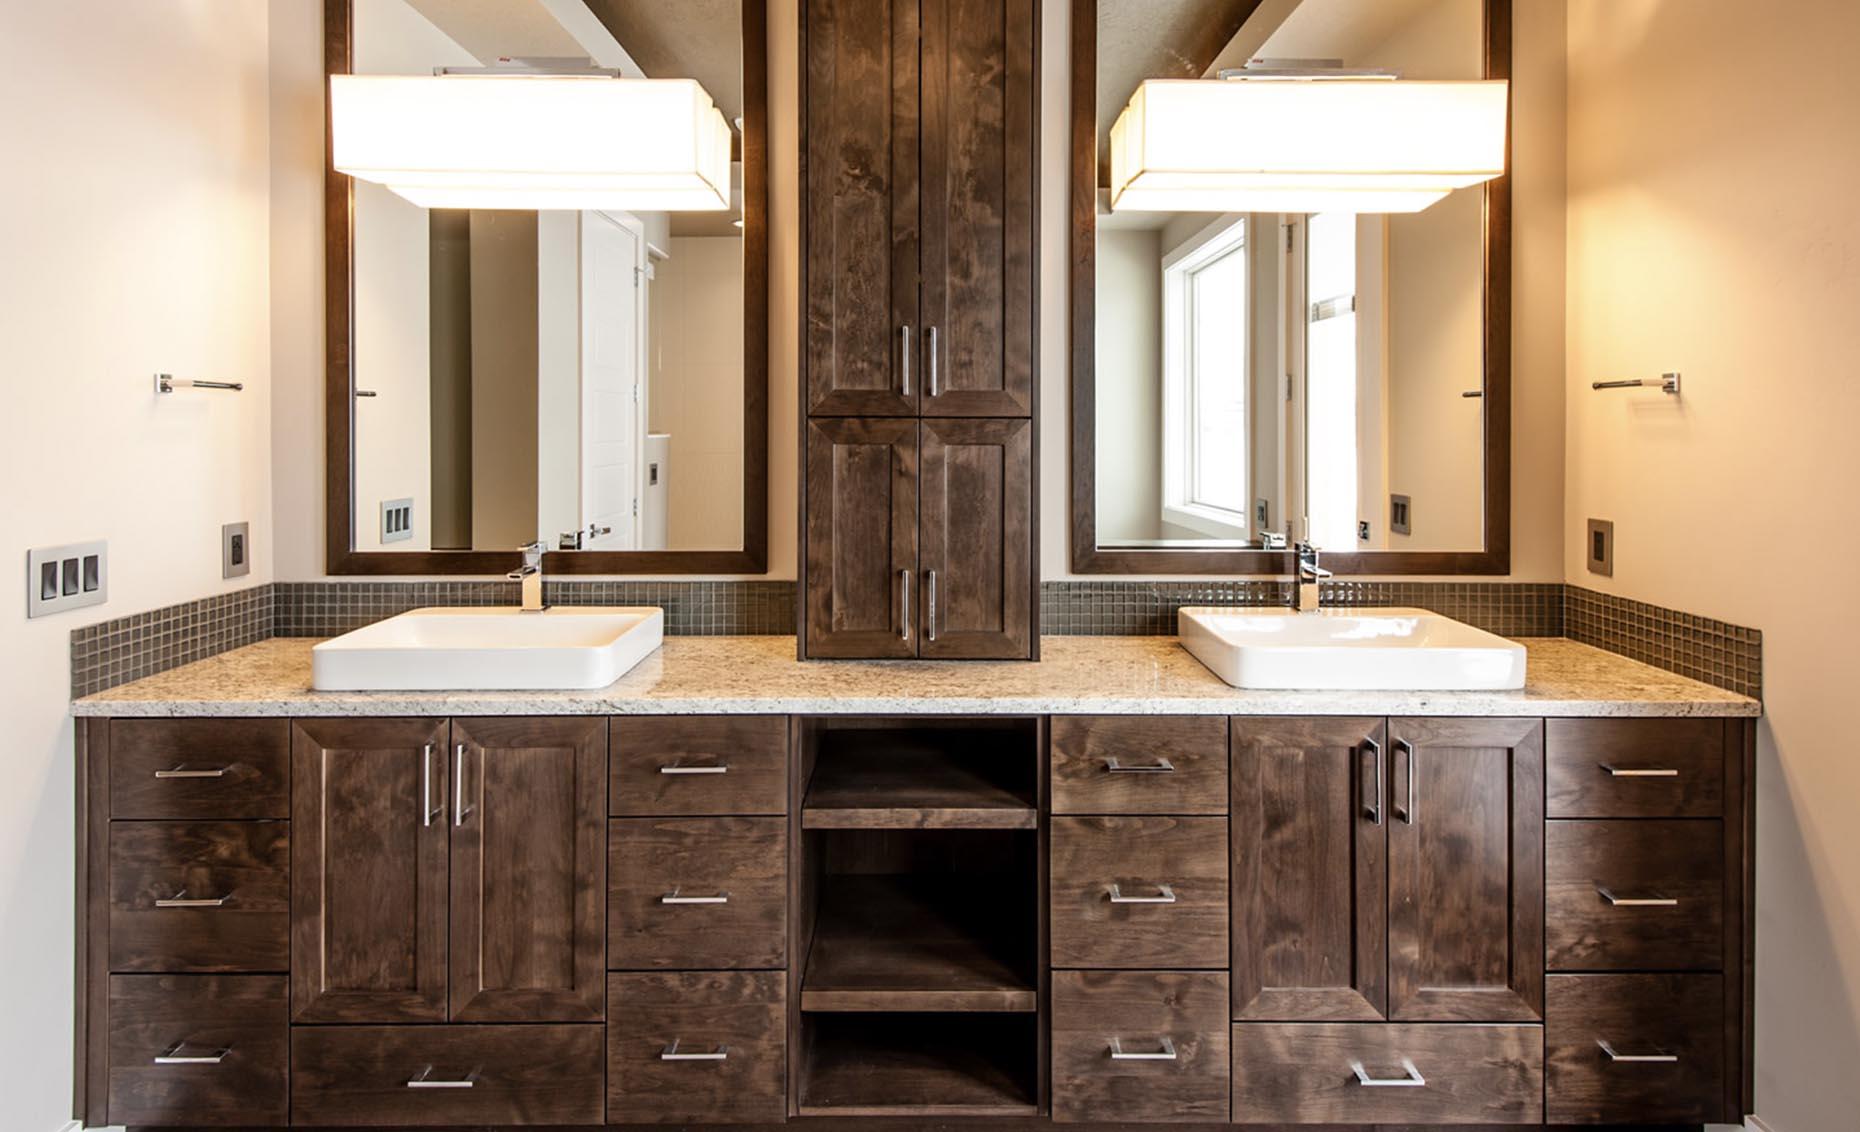 The Corrente Bello House Master Bathroom